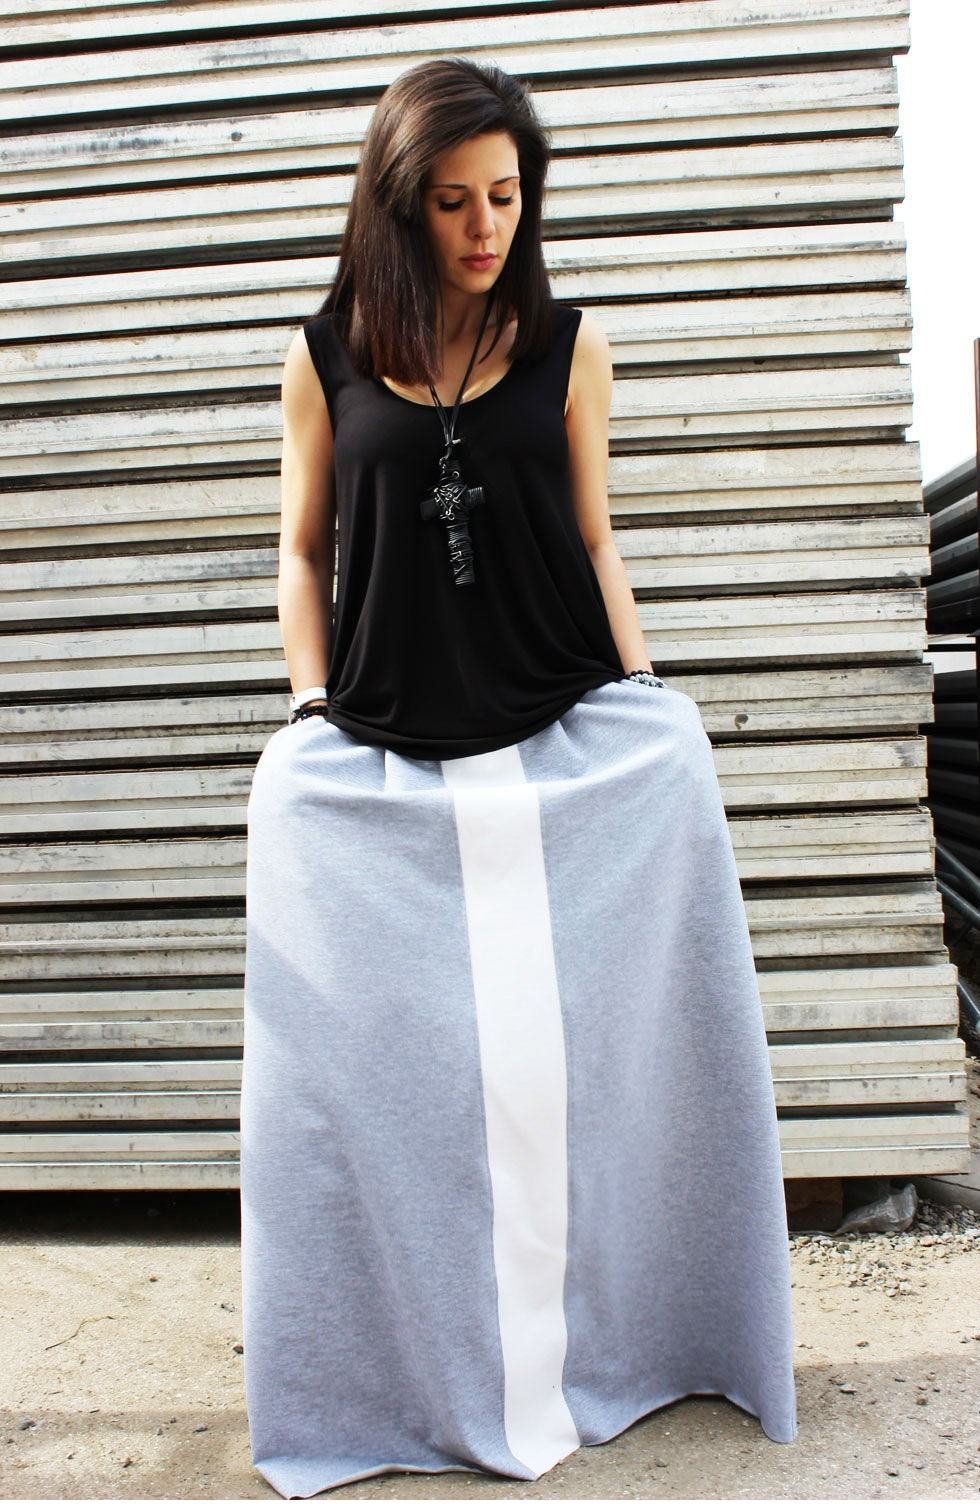 серая юбка с чем носить: шировка юбка длинная под свободную майку черную